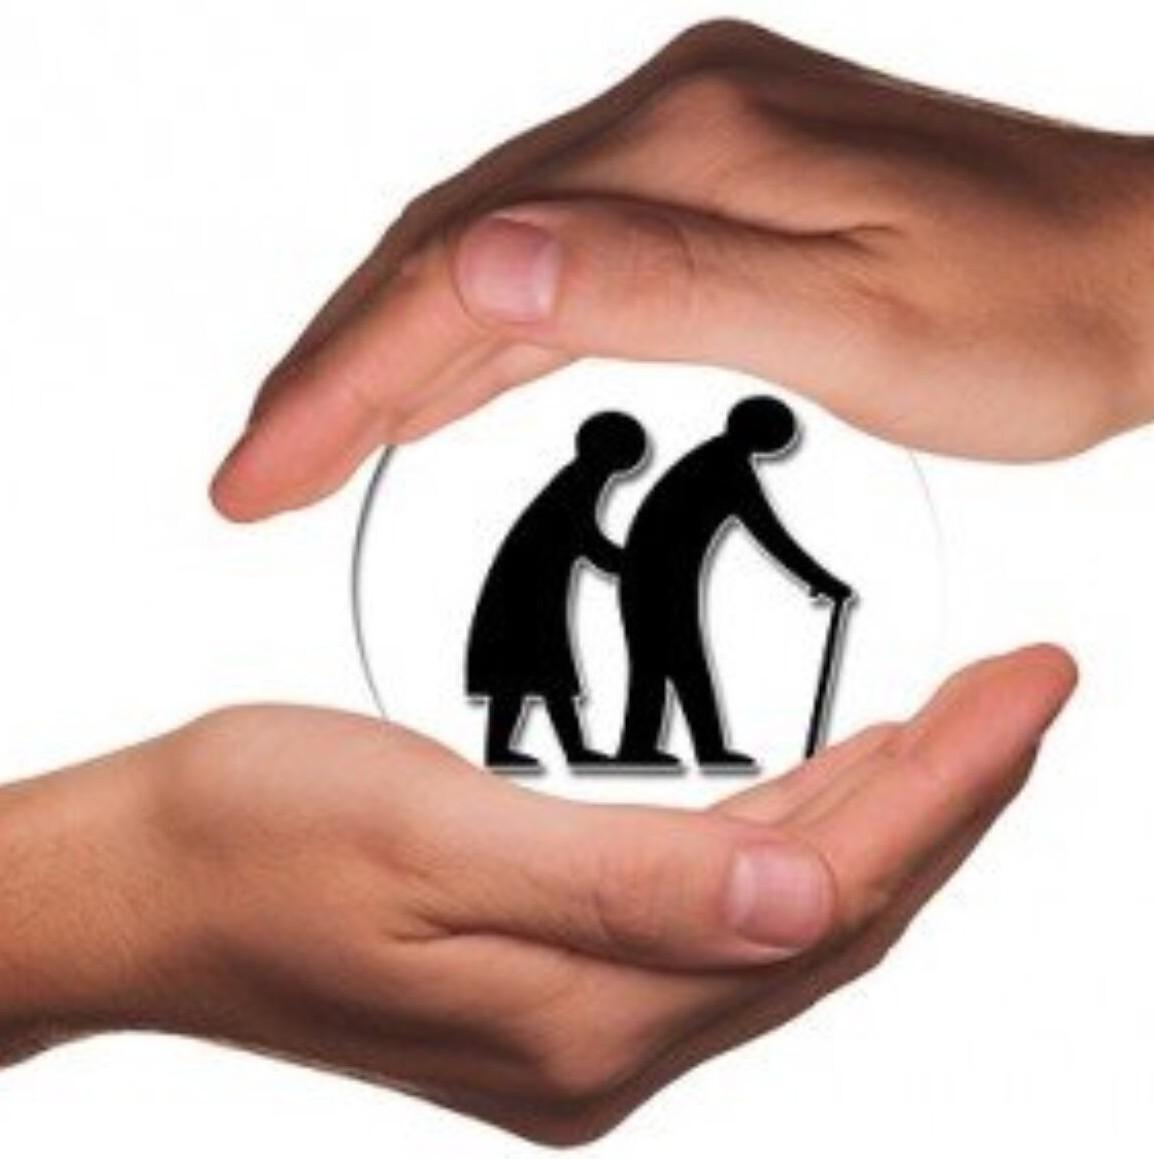 Pensione di reversibilità 2020 al figlio disabile quando spetta e importo